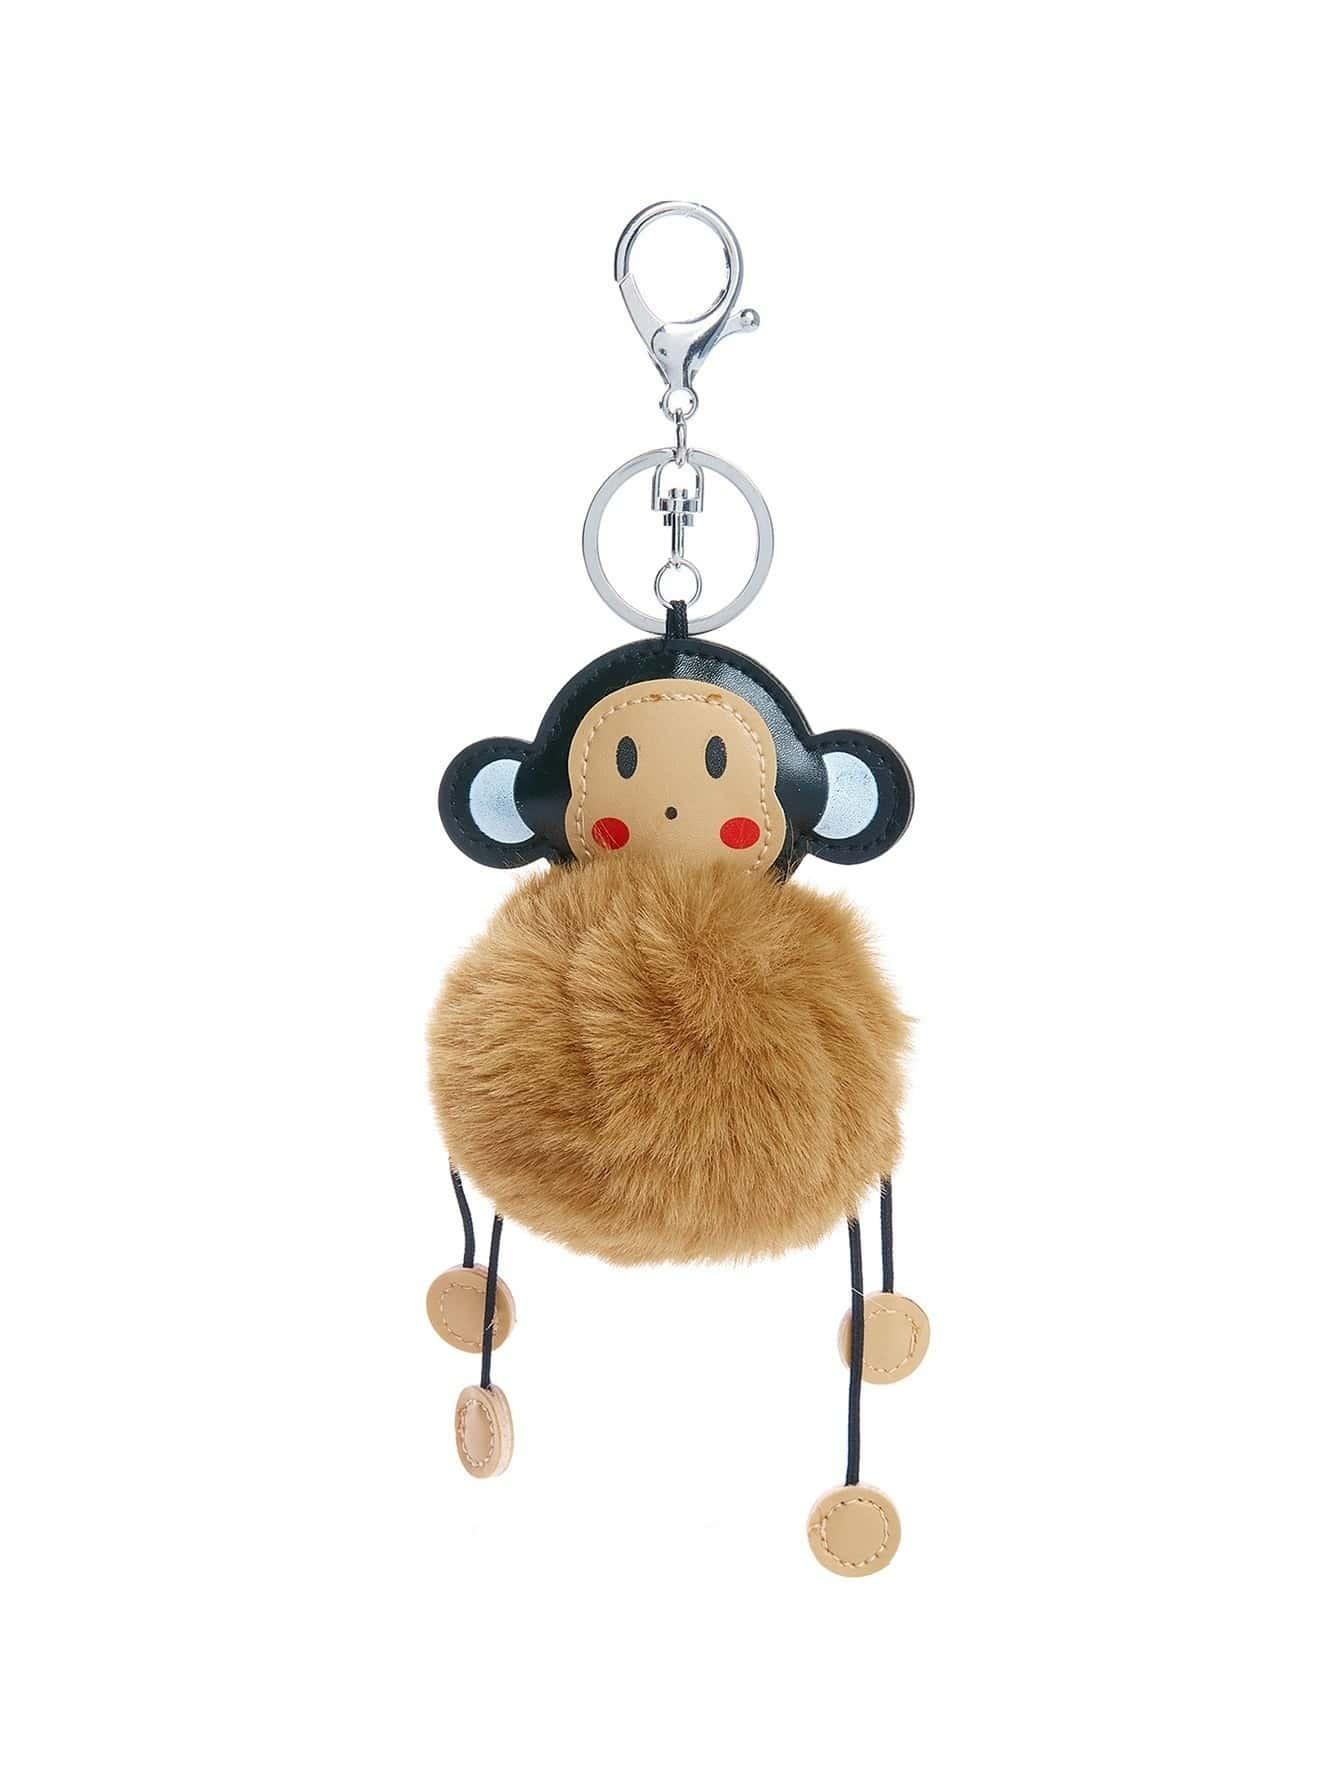 Monkey Keychain With Pom Pom cat detail pom pom keychain